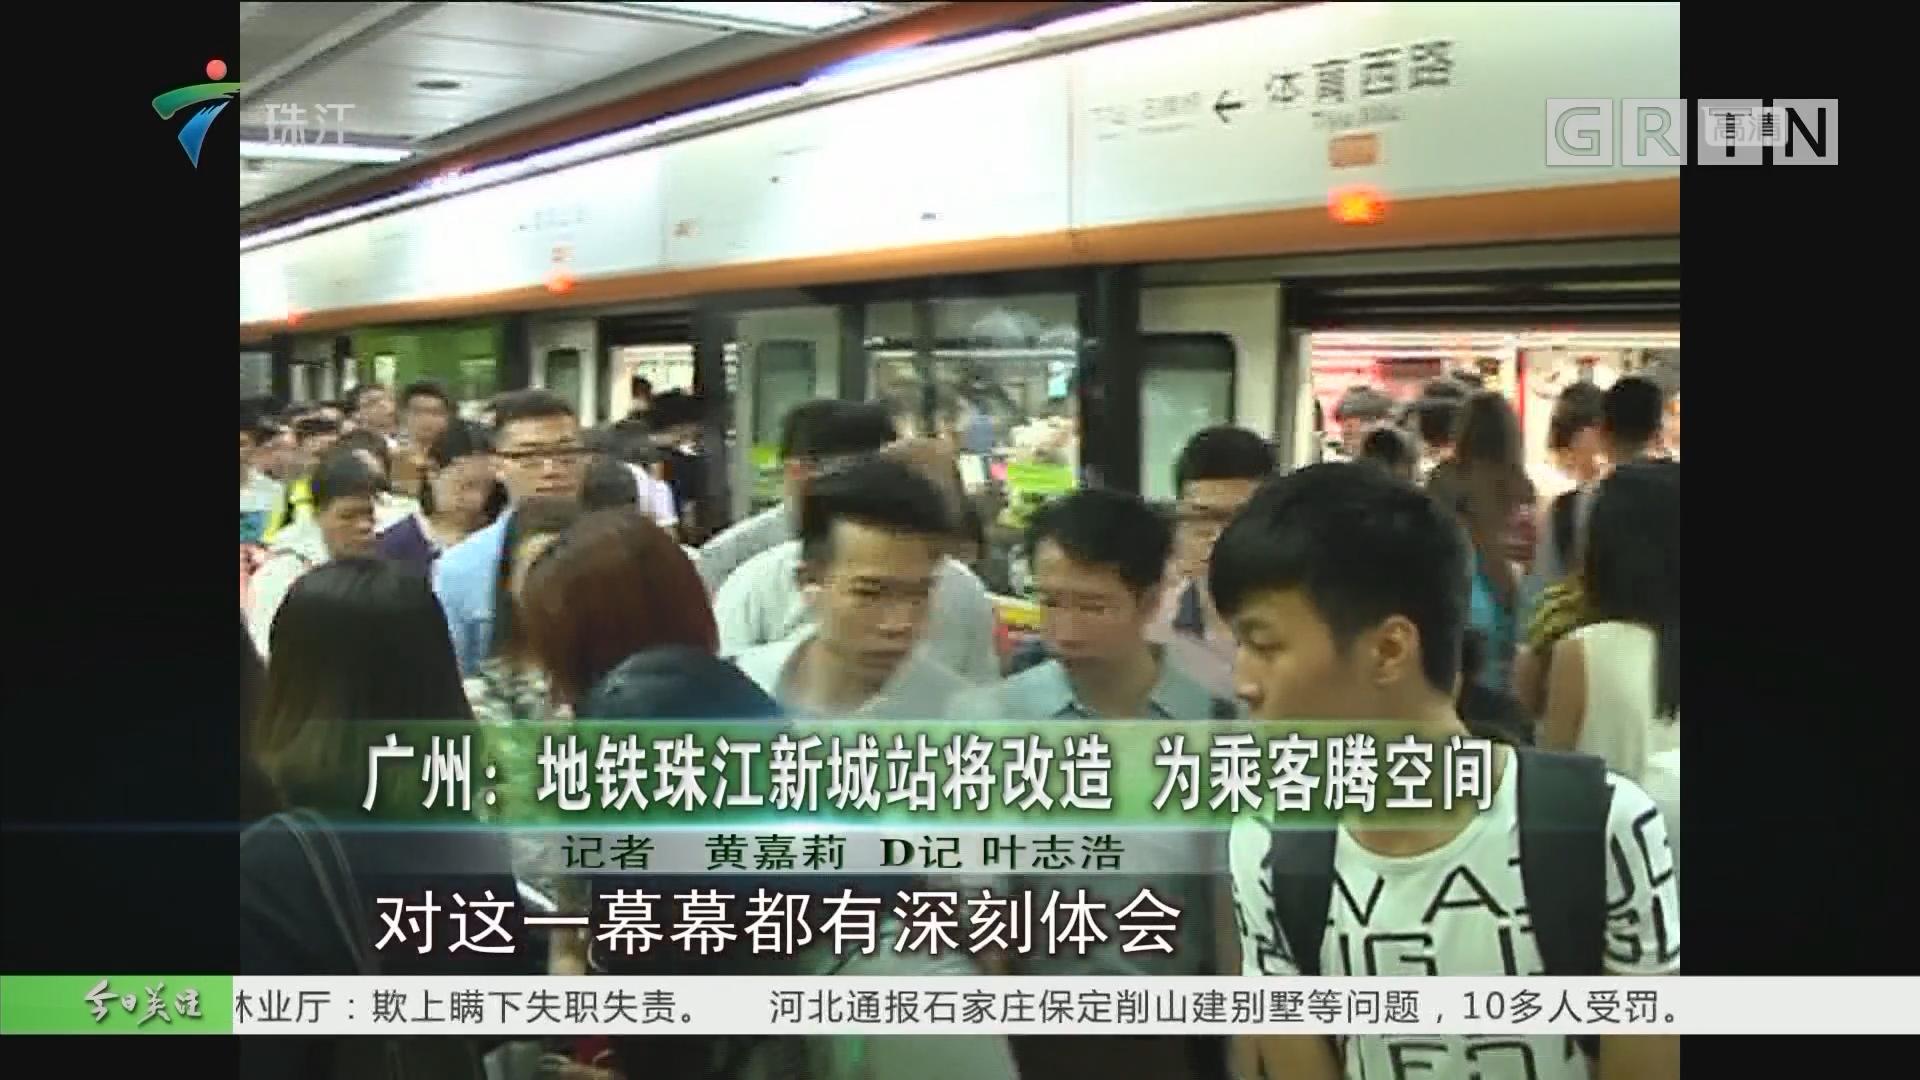 广州:地铁珠江新城站将改造 为乘客腾空间